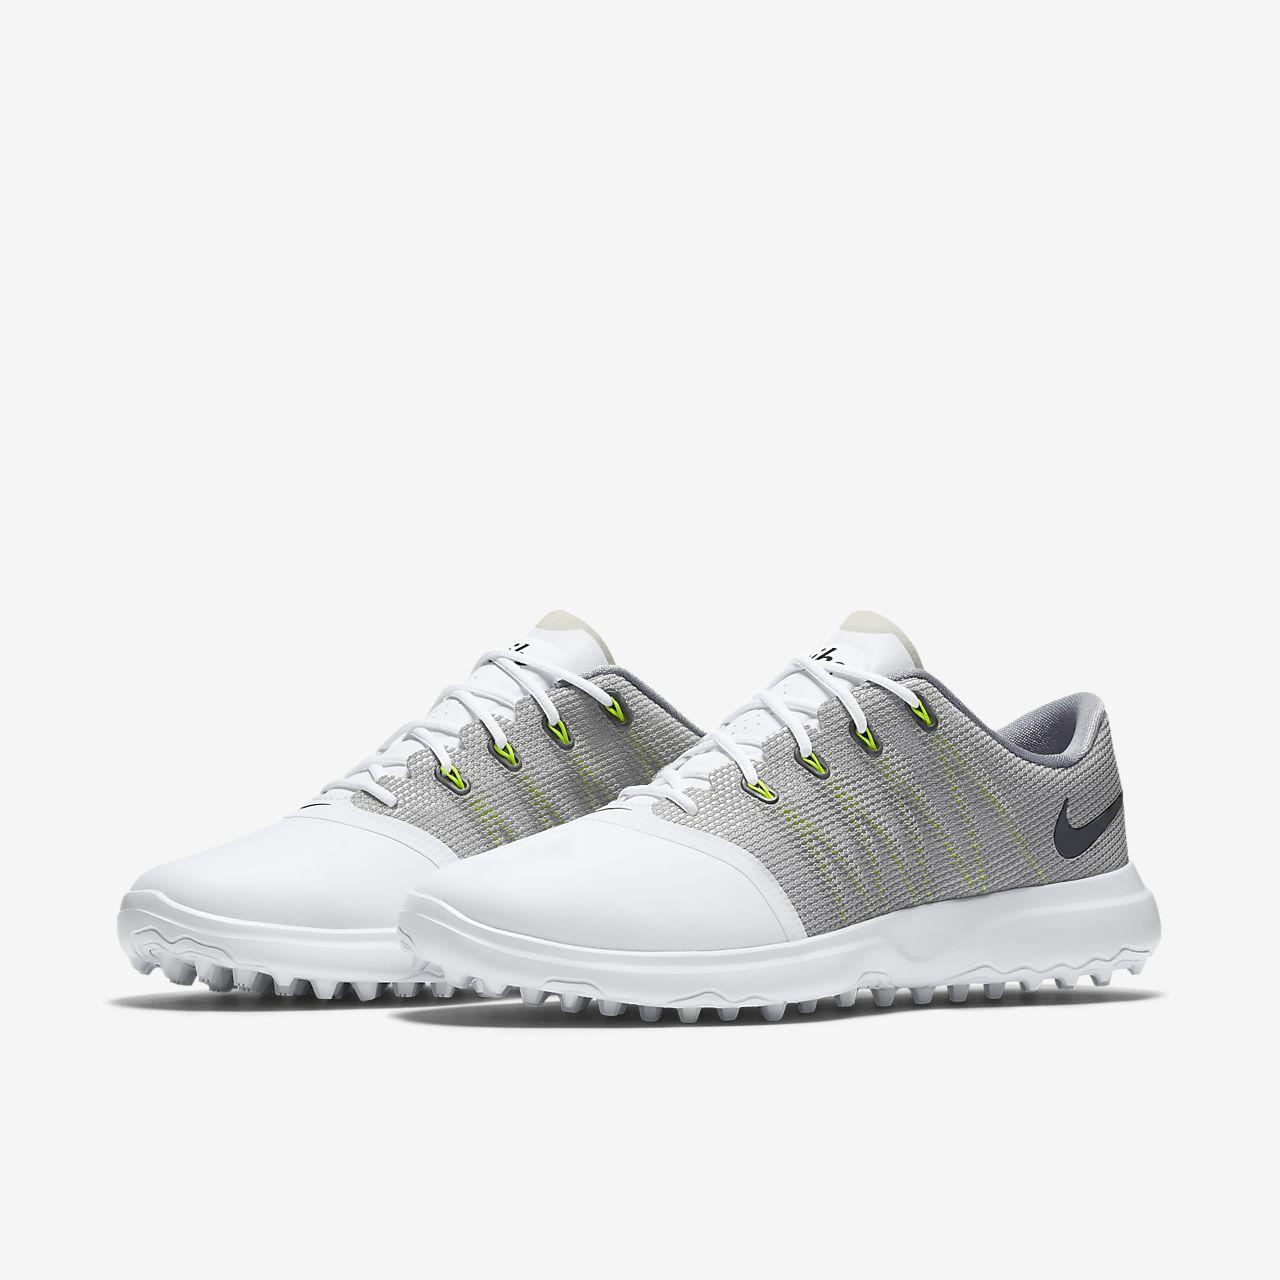 Nike Lunar Empress 2 Women's Golf Shoes White/Black yX4154L